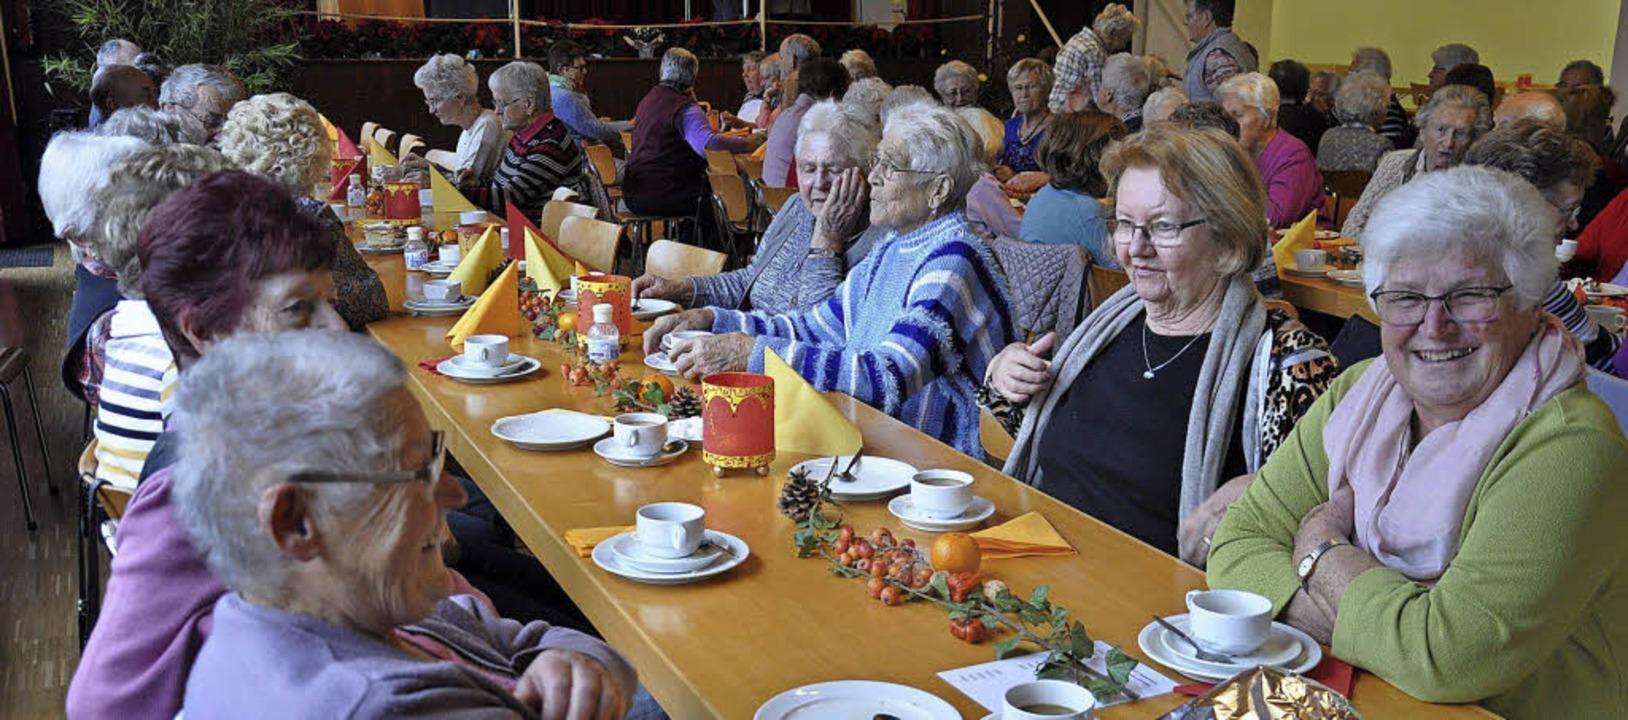 Aus der ganzen Gemeinde waren ältere B...ennachmittag nach Blansingen gekommen.    Foto: Jutta Schütz